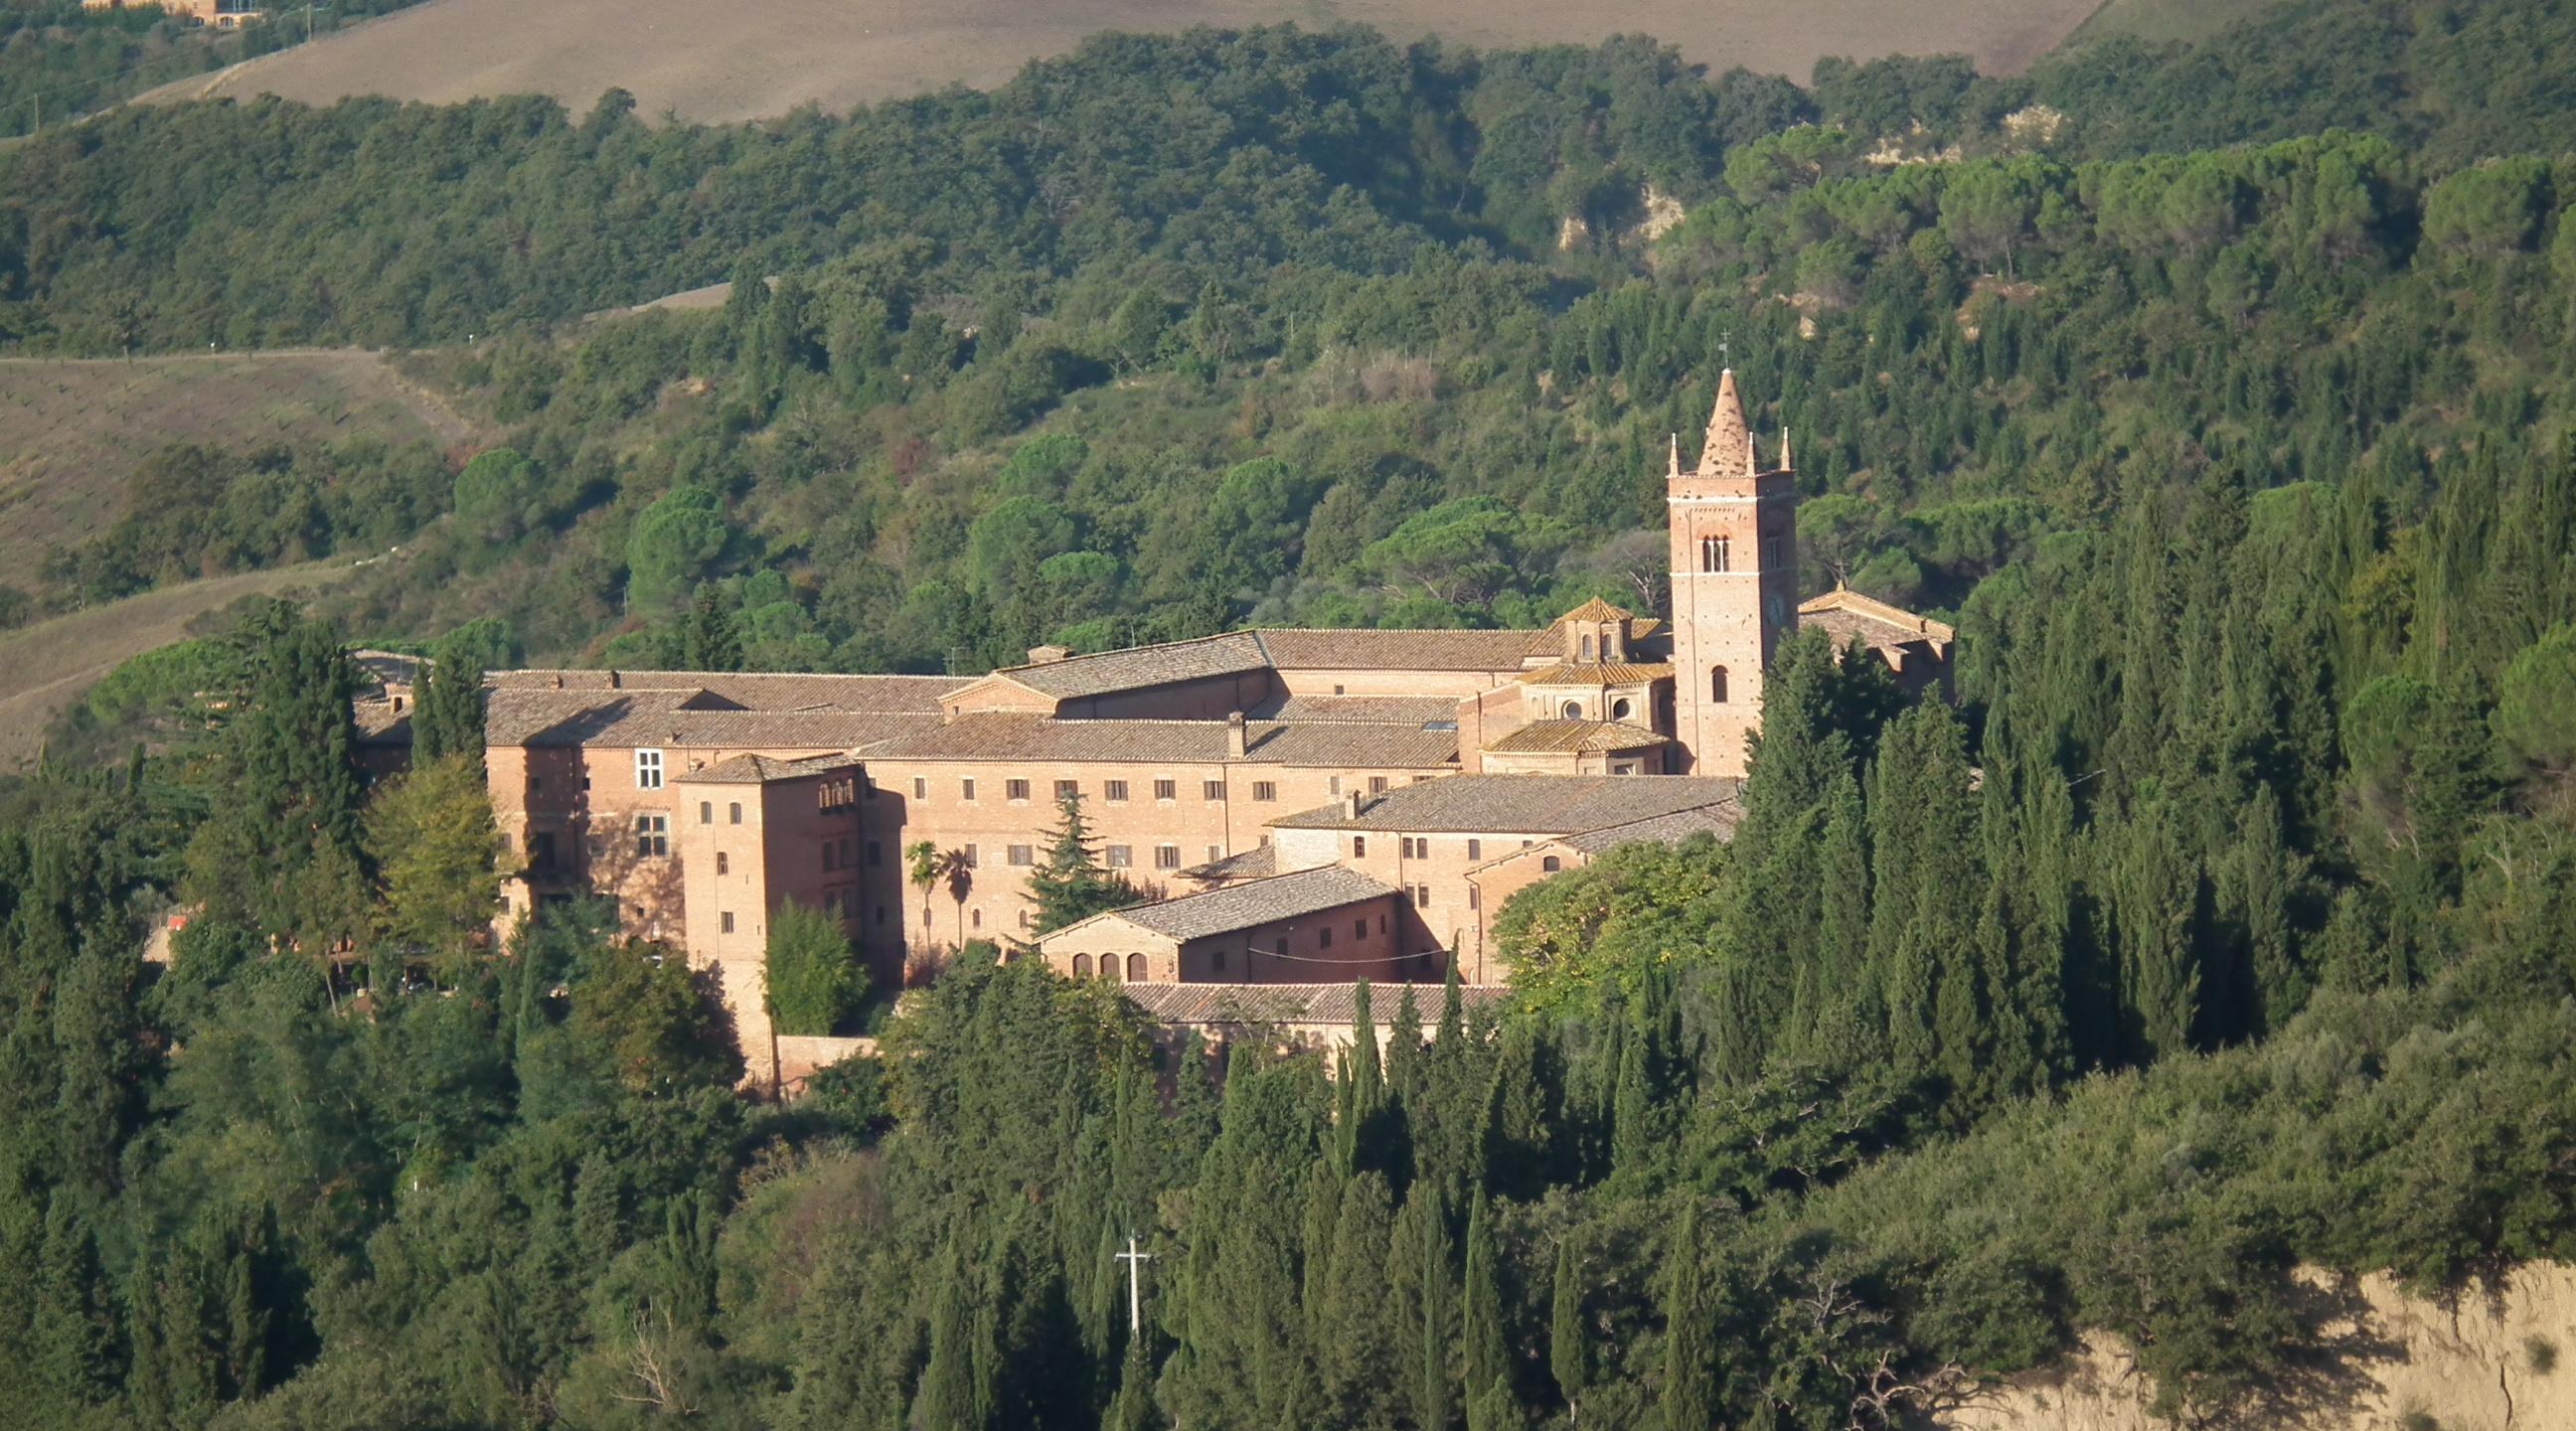 Crete Senesi e l'Abbazia di Monte Oliveto Maggiore